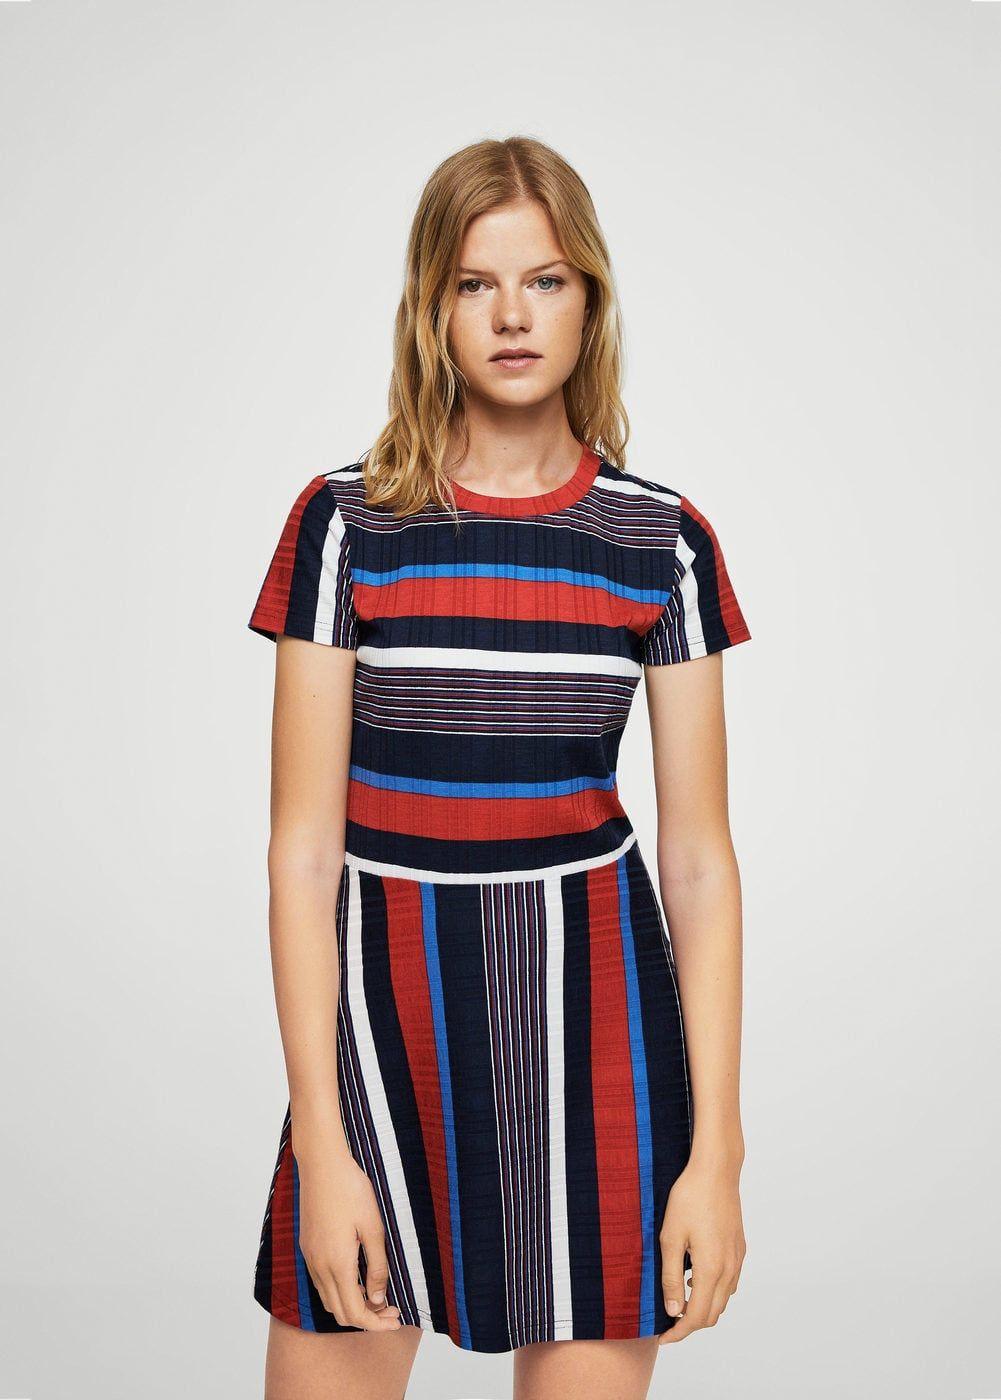 collection entière produits de commodité Royaume-Uni Robe maille côtelée à rayures - Femme | Stripes | Robe, Robe ...